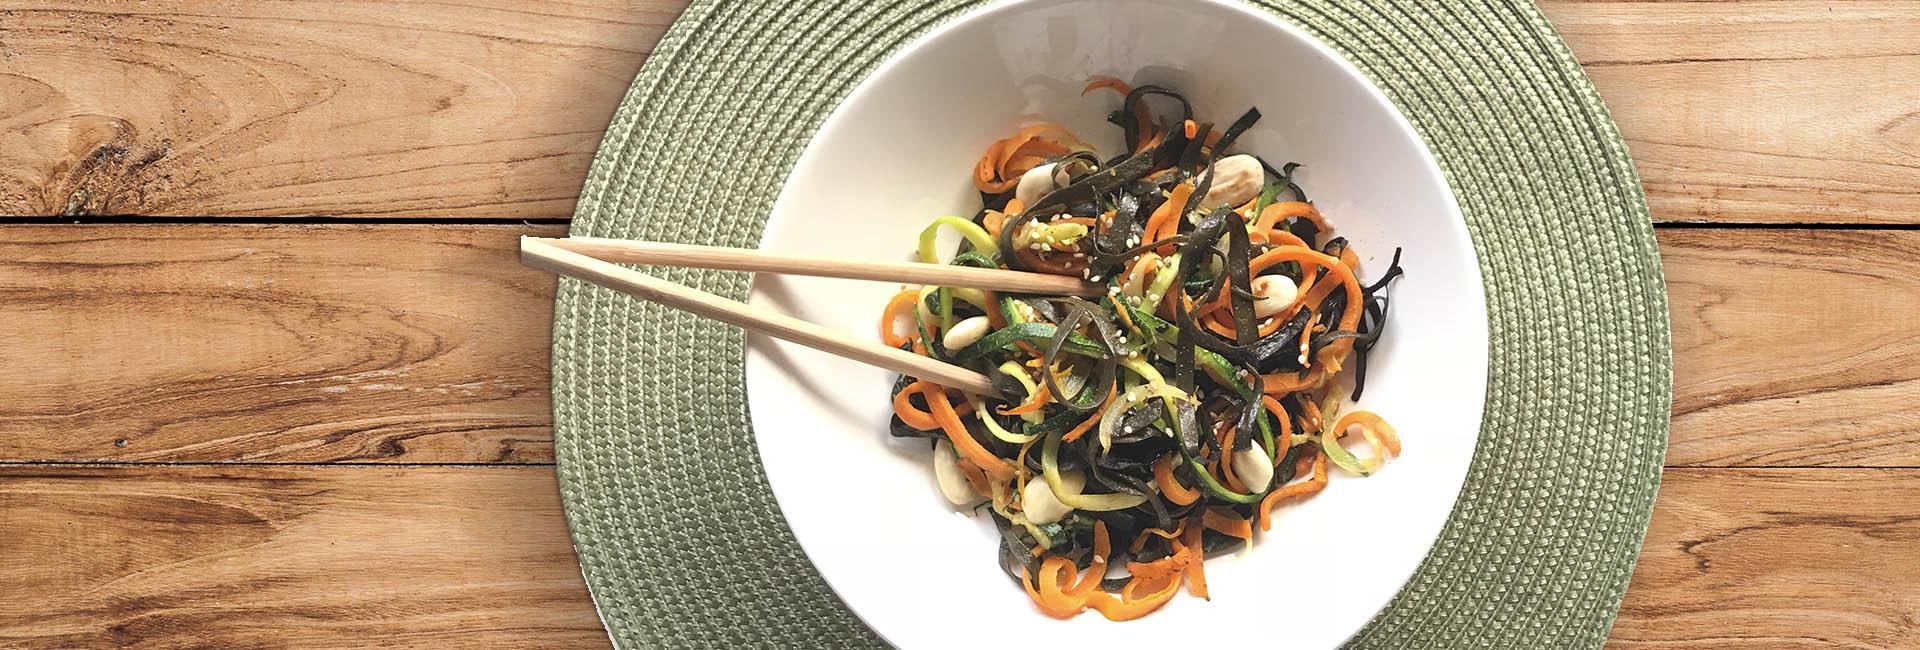 Wok verduras con alga espagueti de mar bio